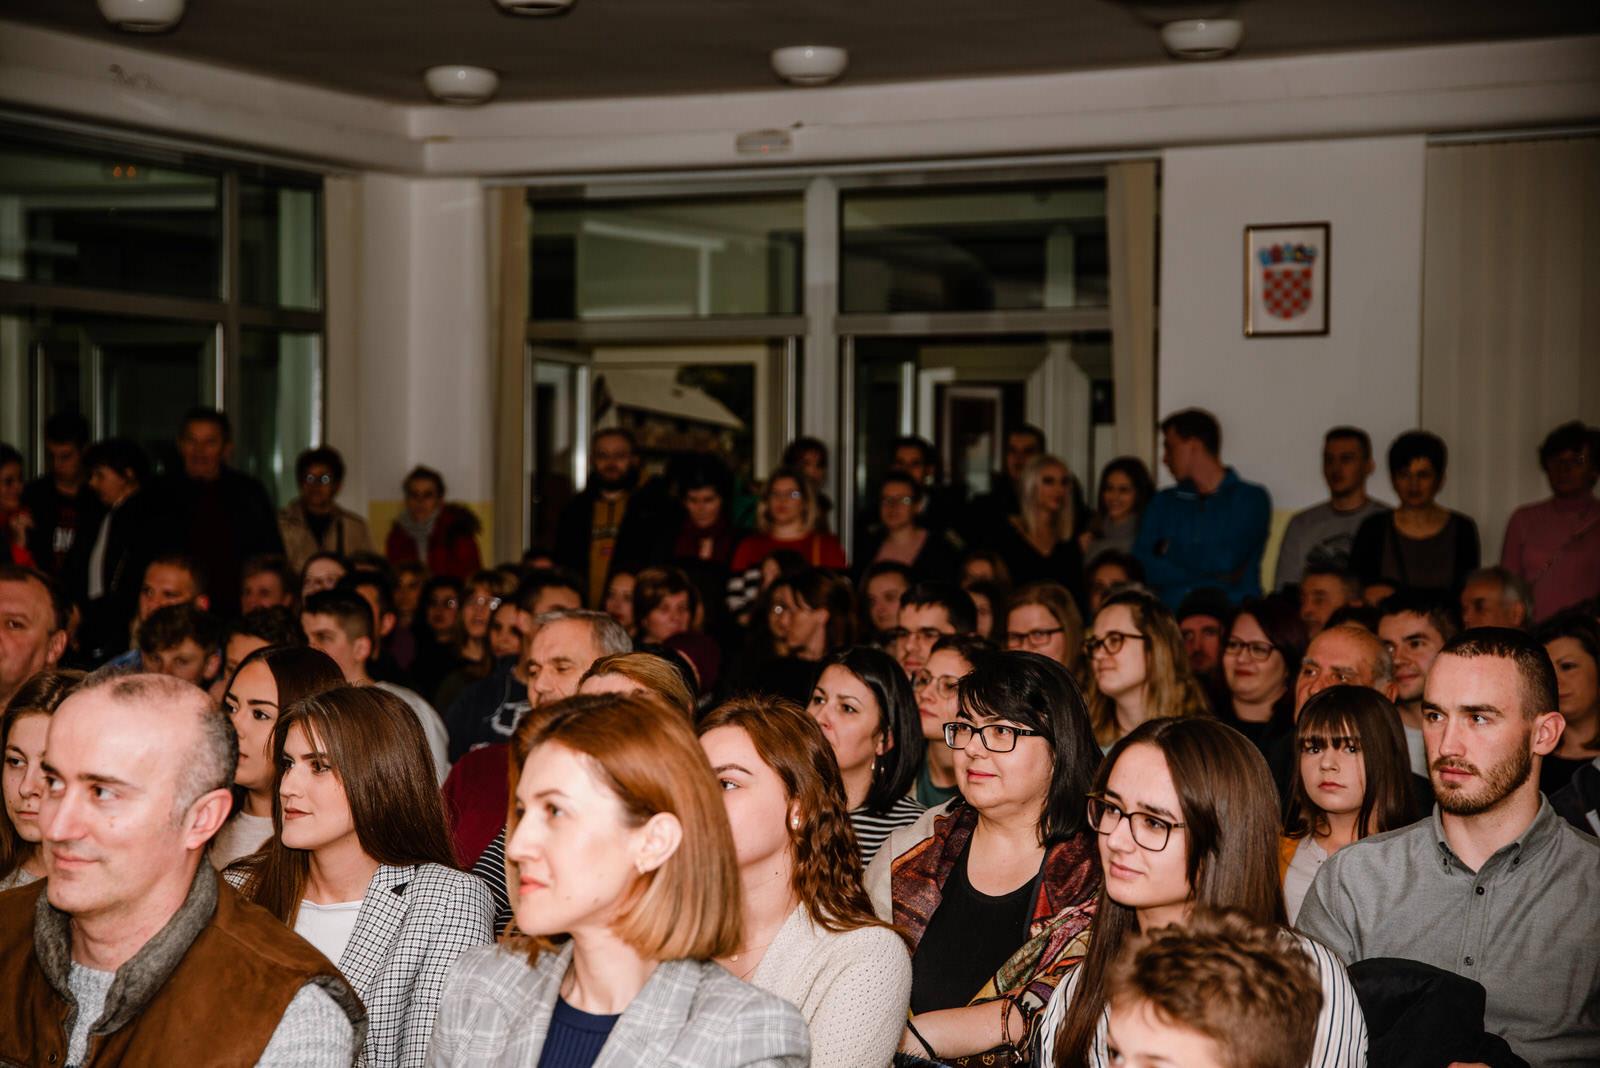 likaclub_gospić_kic_lajnap stand up_siječanj_2020 (5)